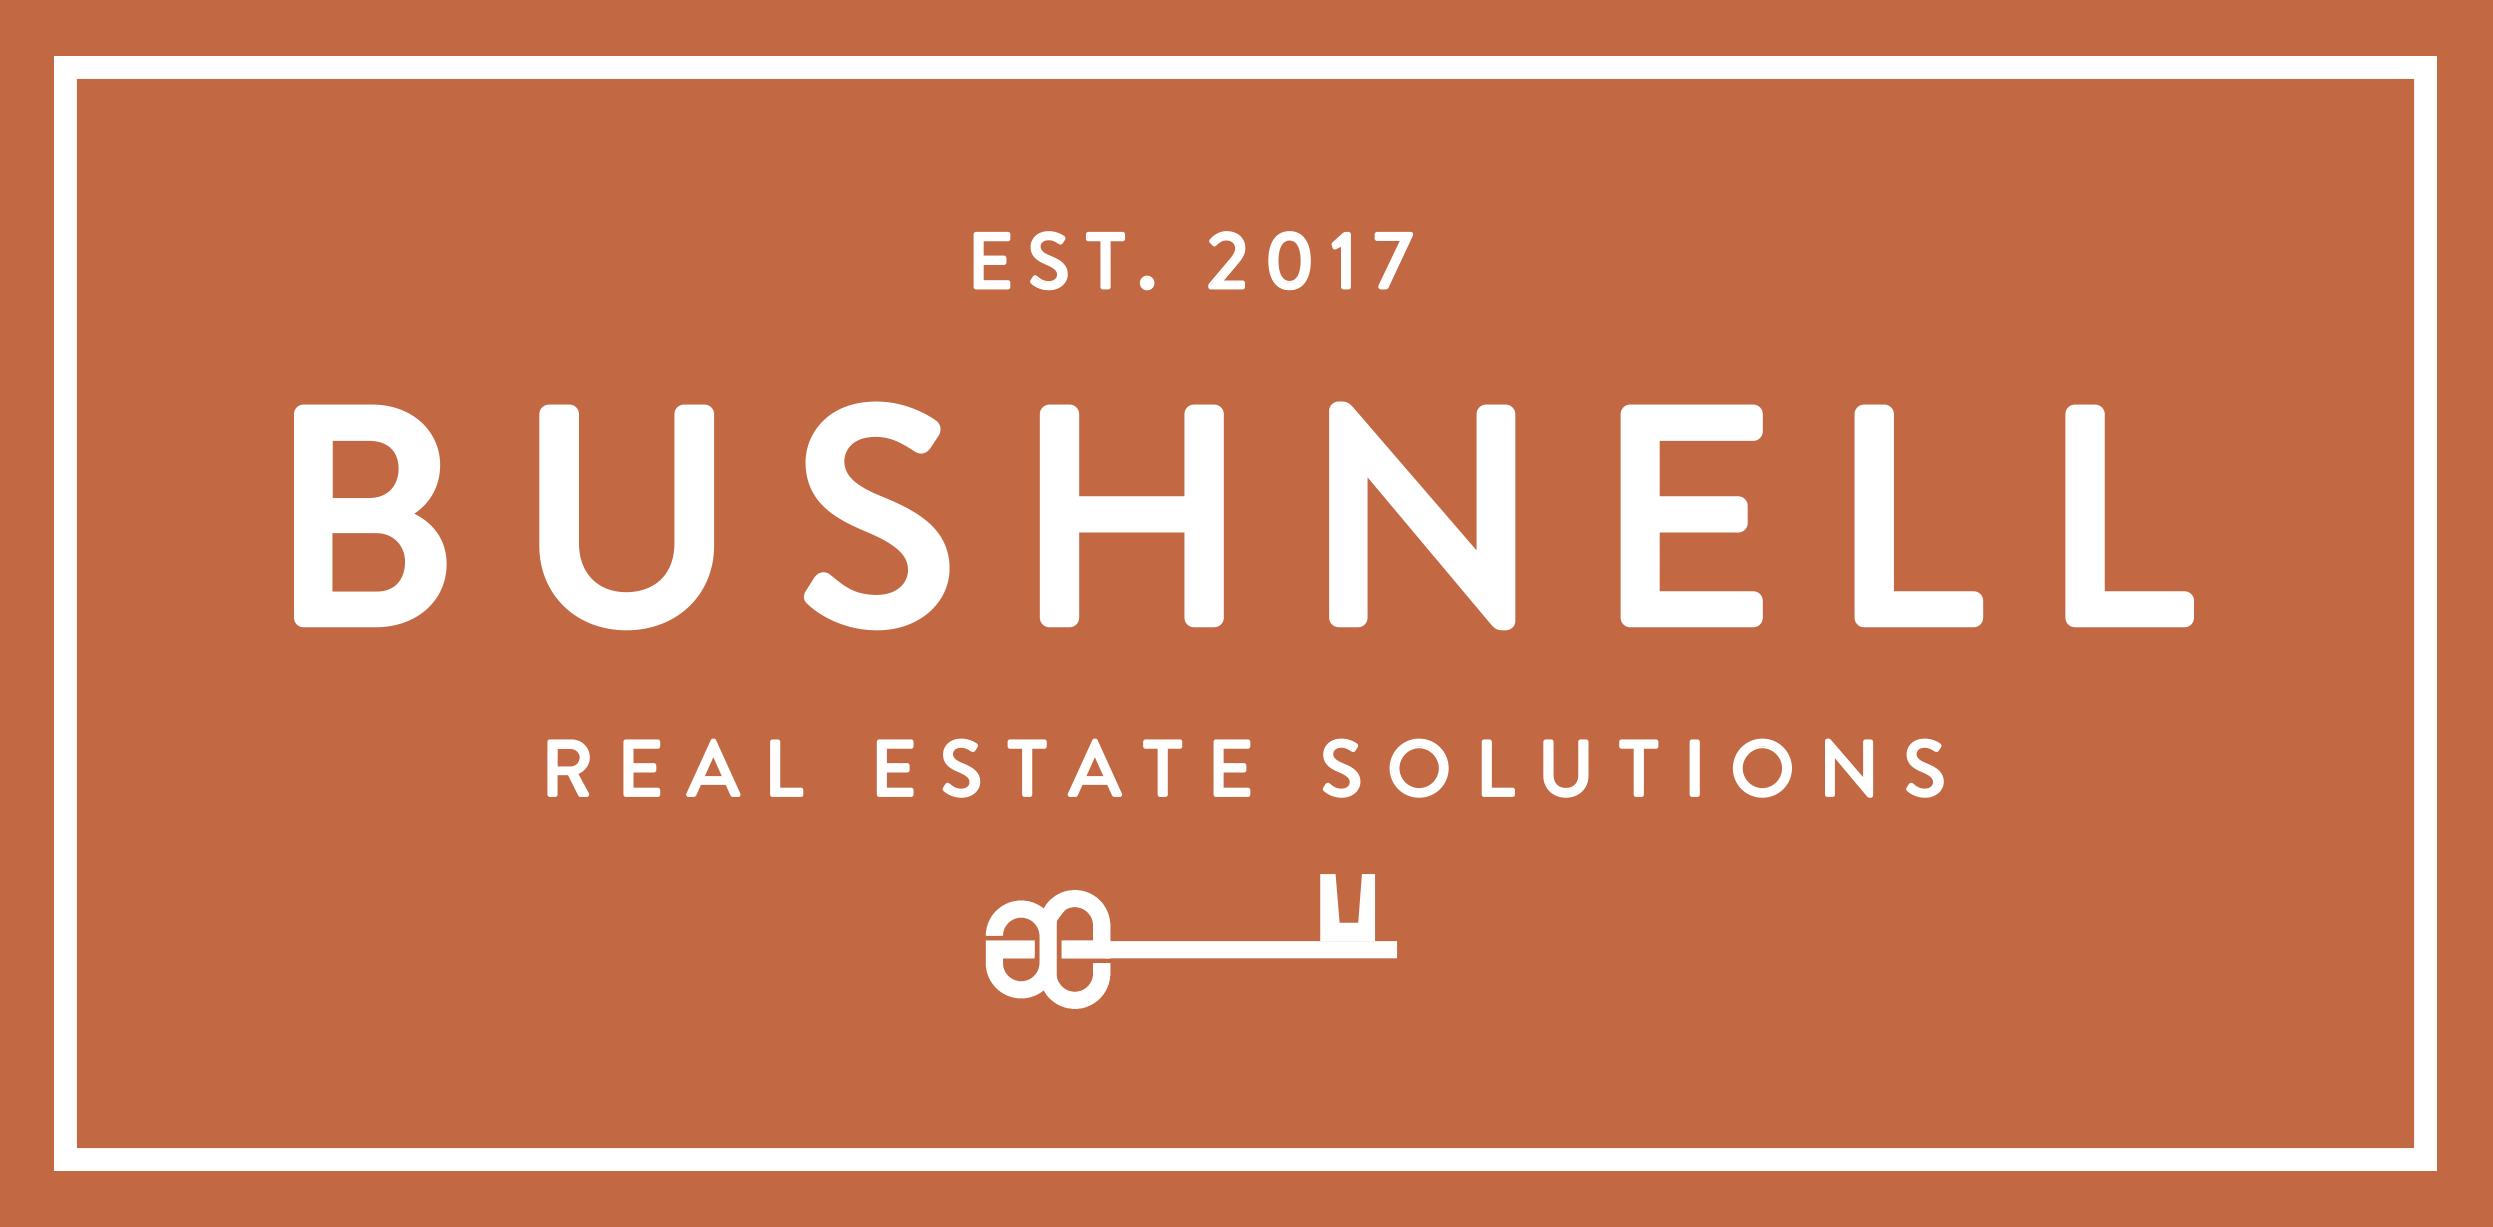 Bushnell Real Estate Solutions logo